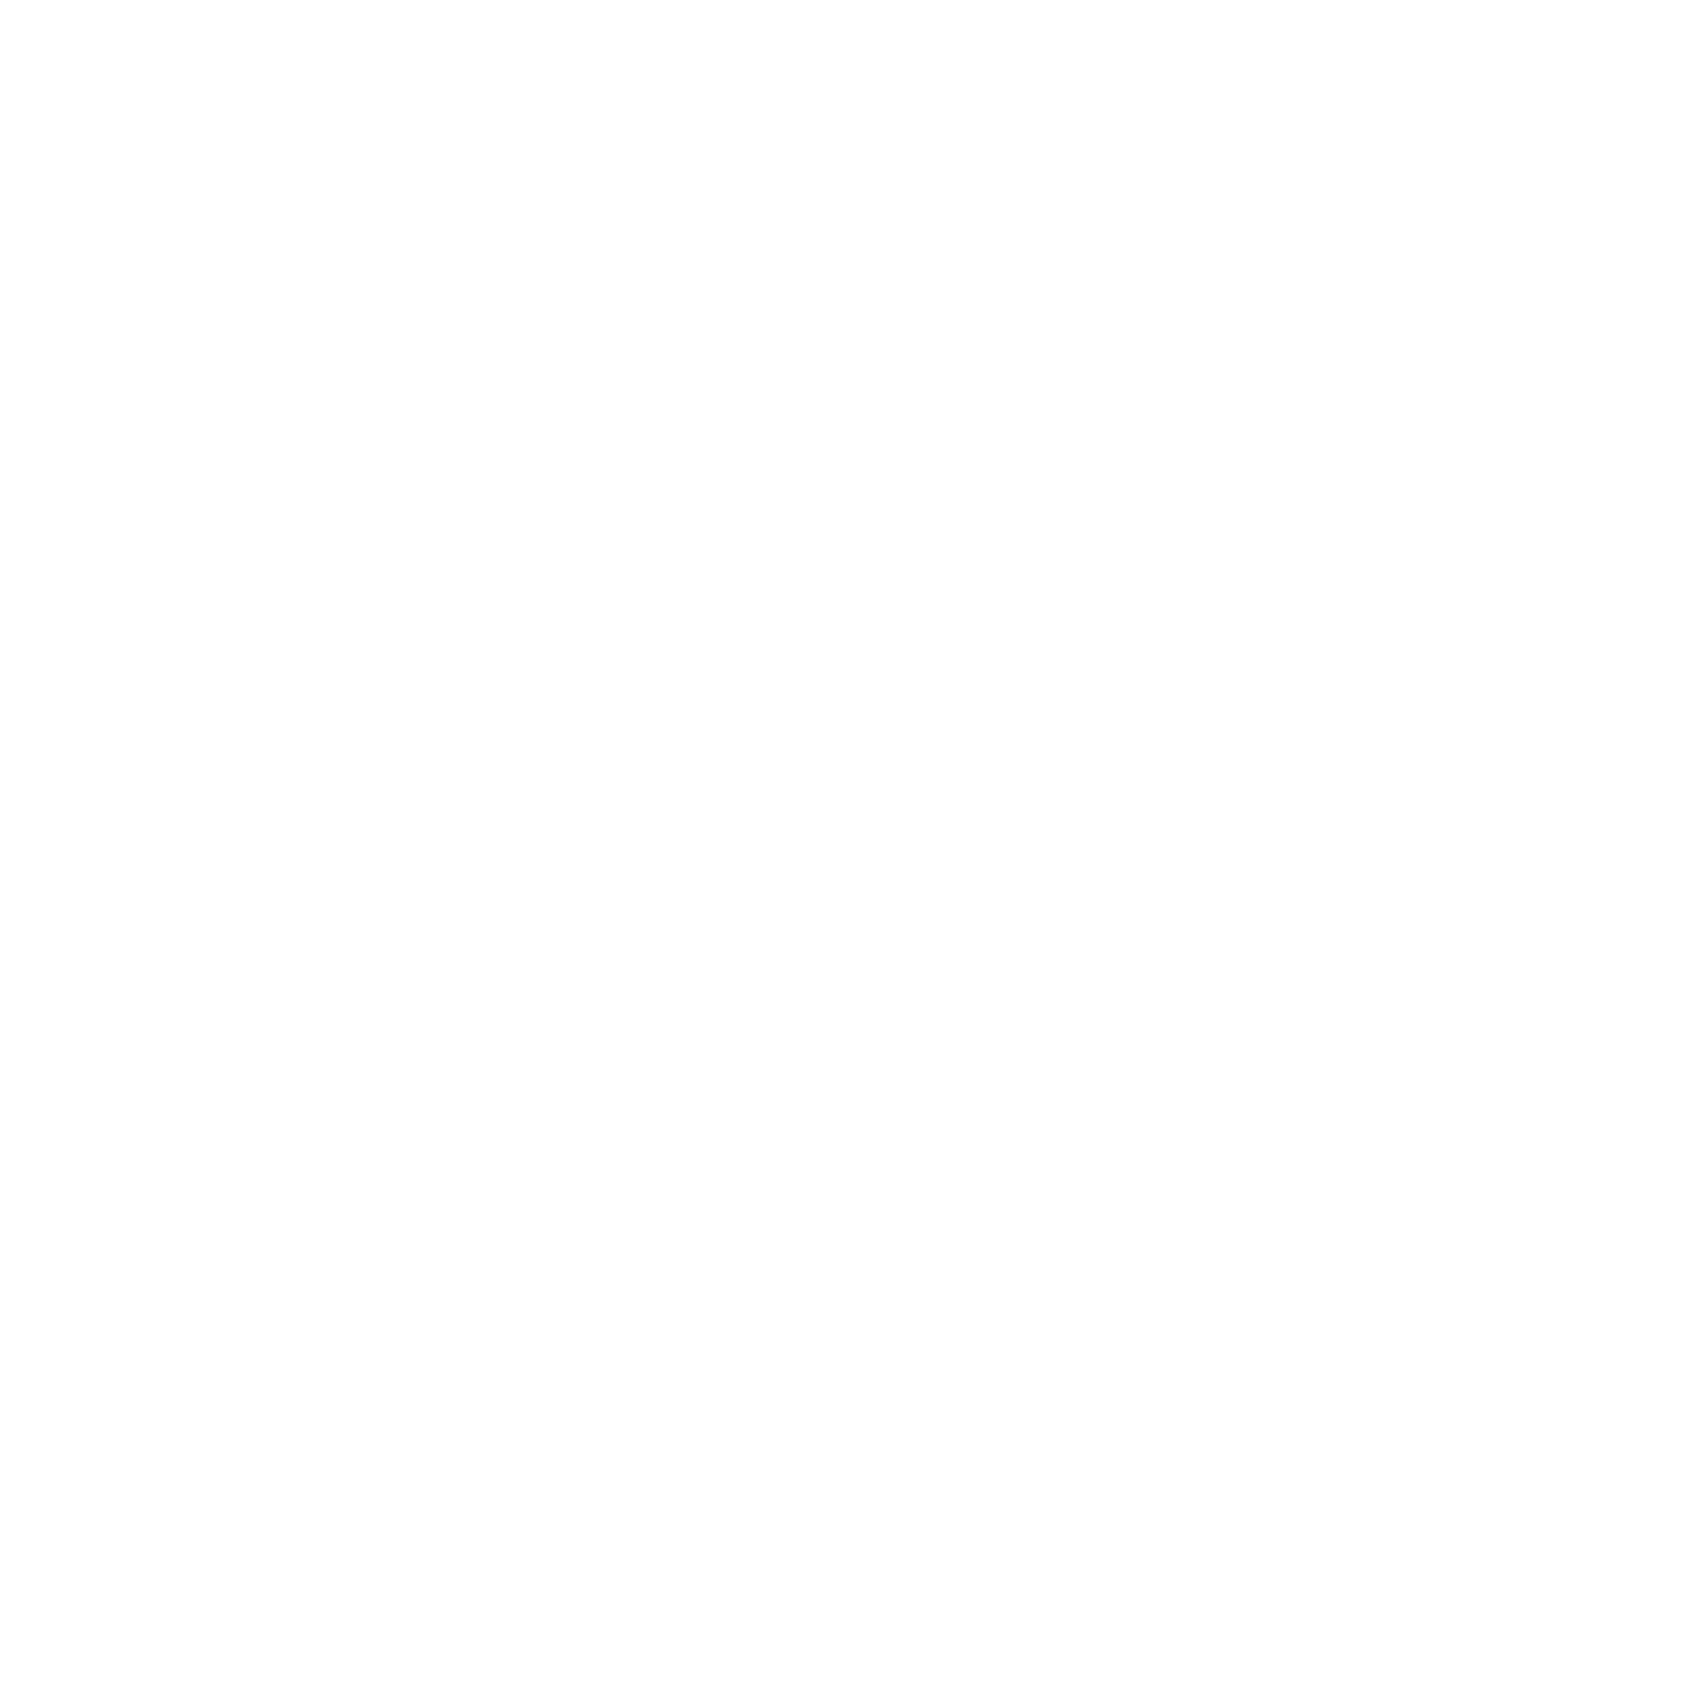 ロングスリーブ(吸汗拡散機能素材)